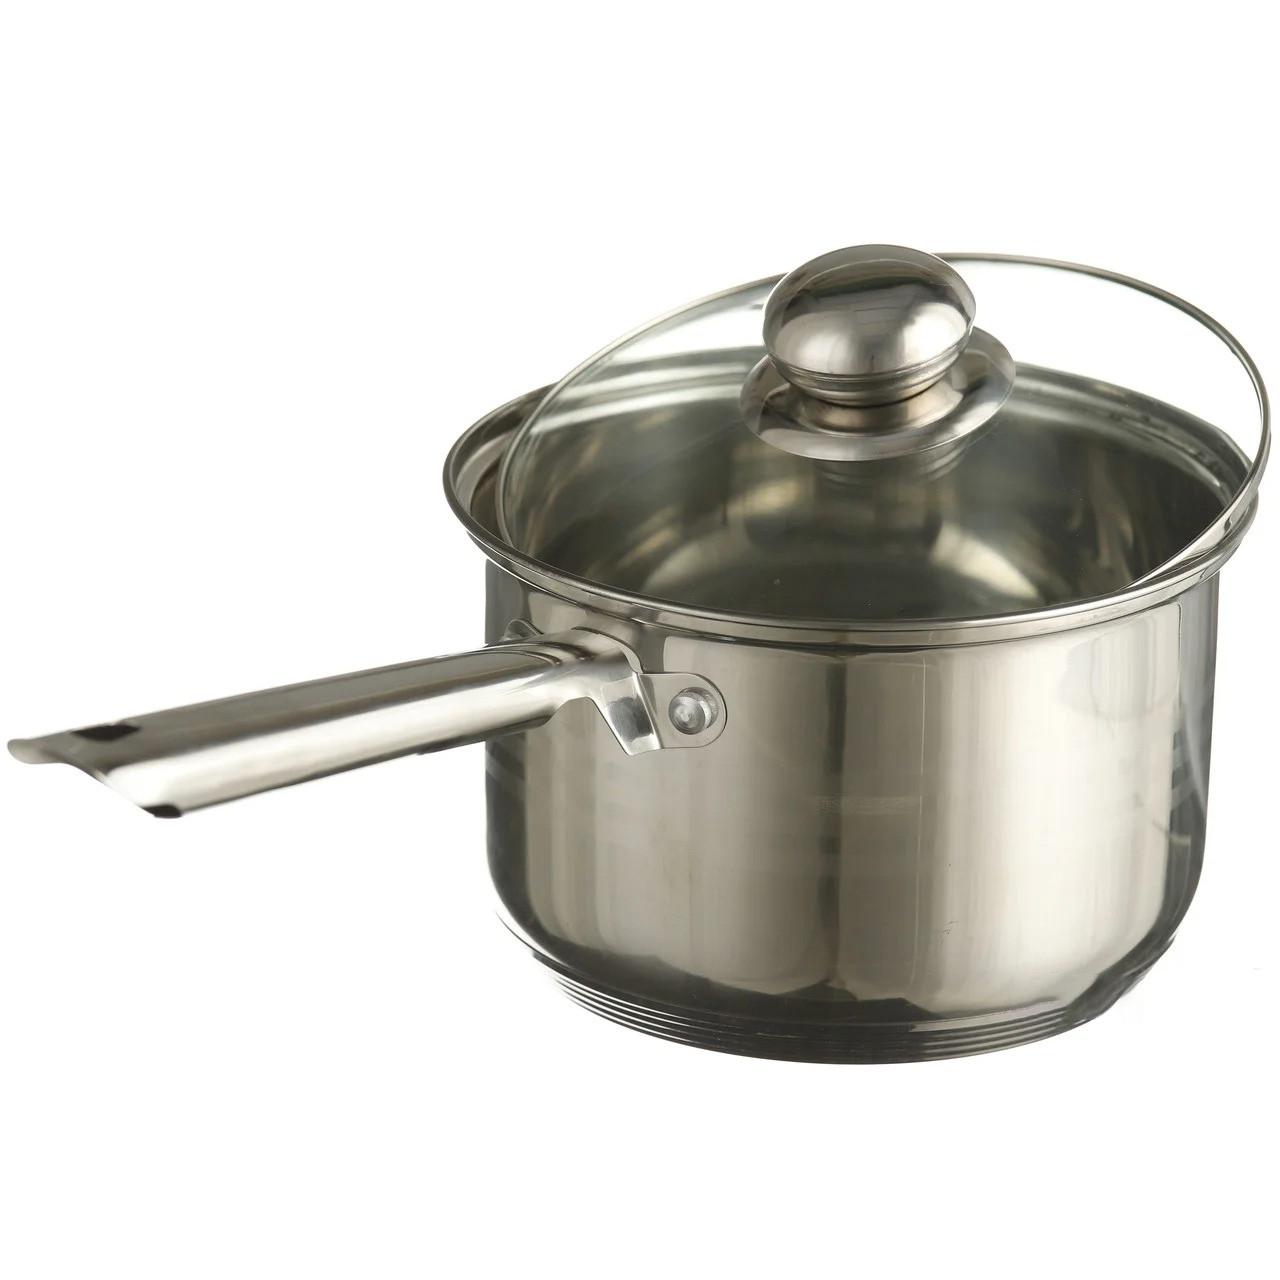 Ковш кухонный сотейник с крышкой A-PLUS 2.9 л